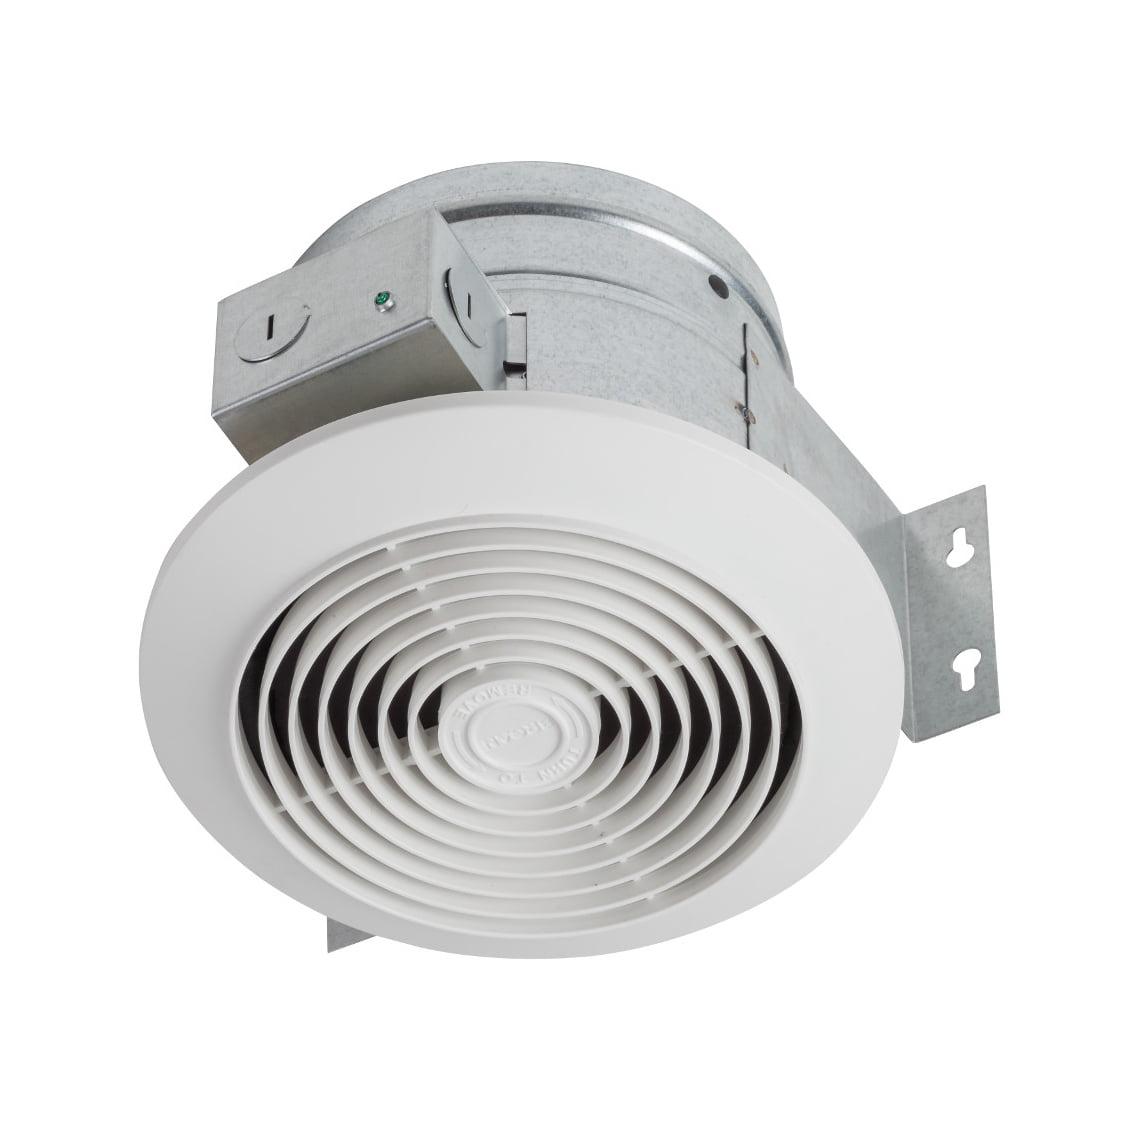 Broan 673 Vertical Discharge Bathroom Exhaust Fan